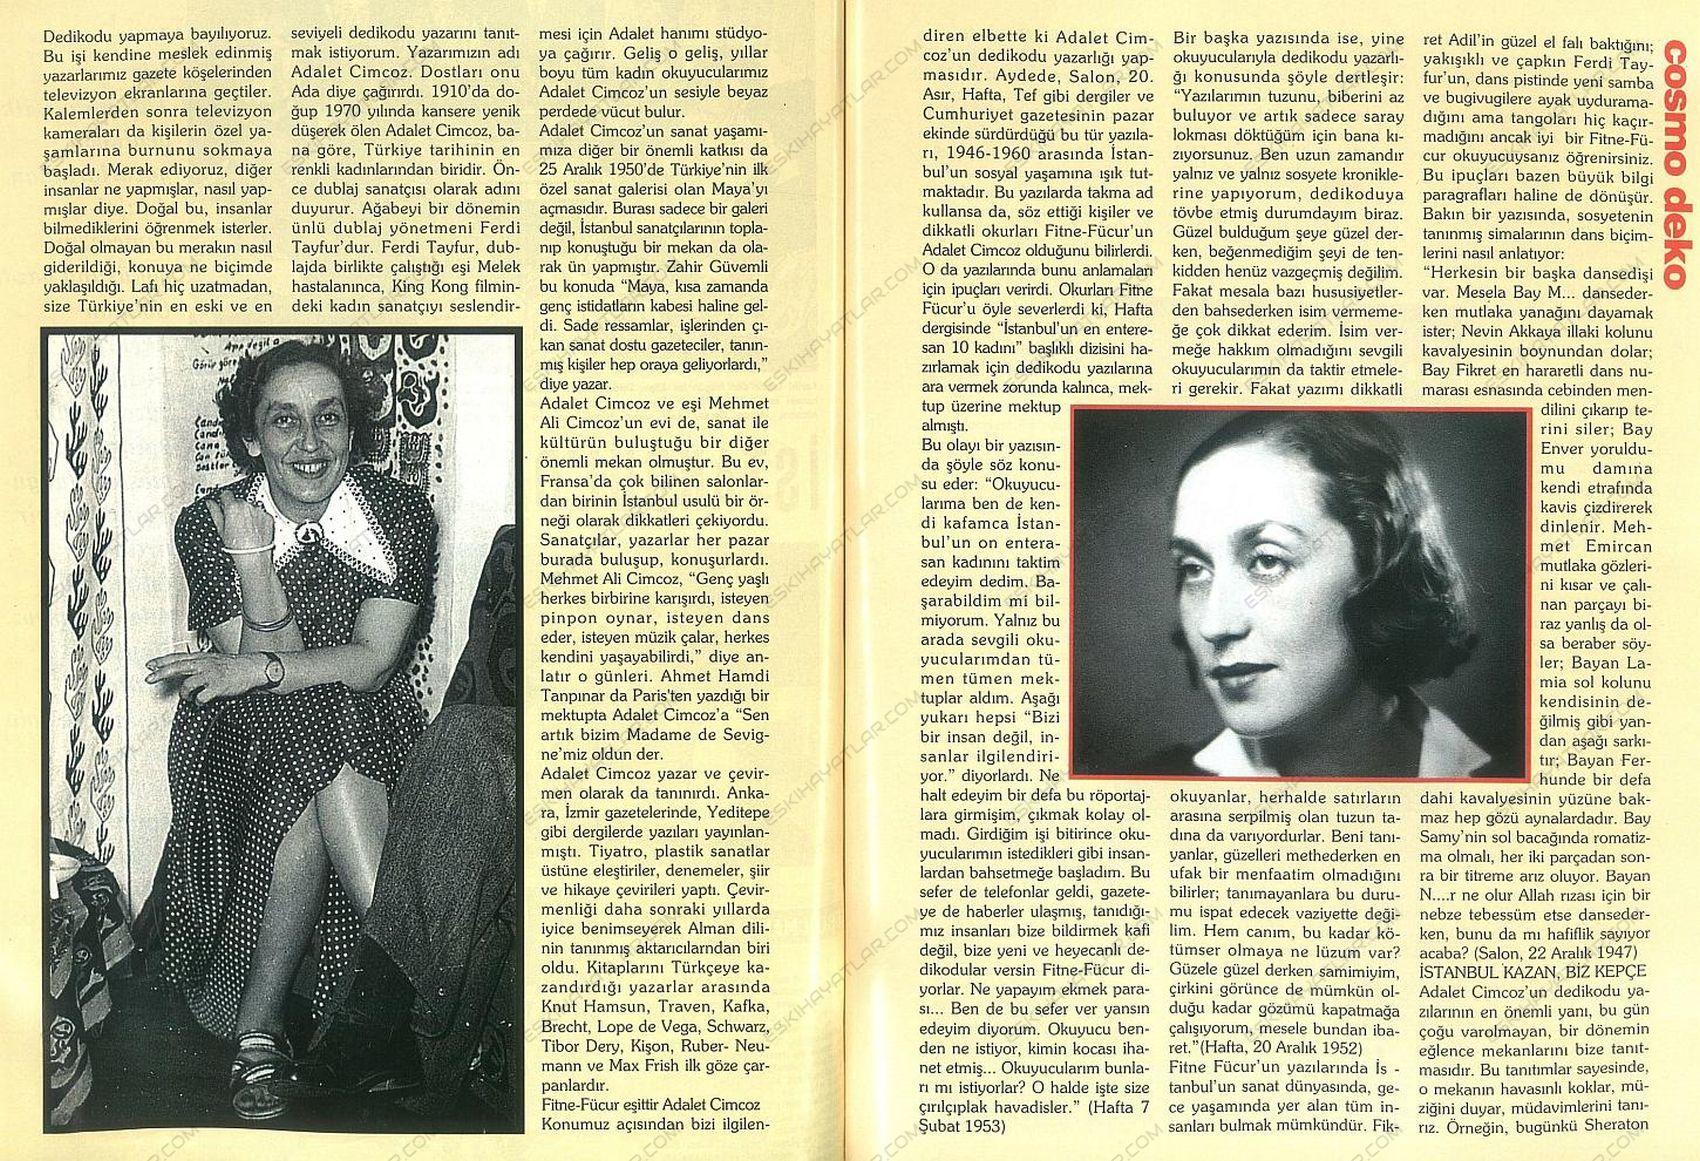 0155-eski-istanbul-nasildi-1940-larda-turkiye-adalet-cimcoz-roportaji-1994-cosmopolitan-dergisi (6)